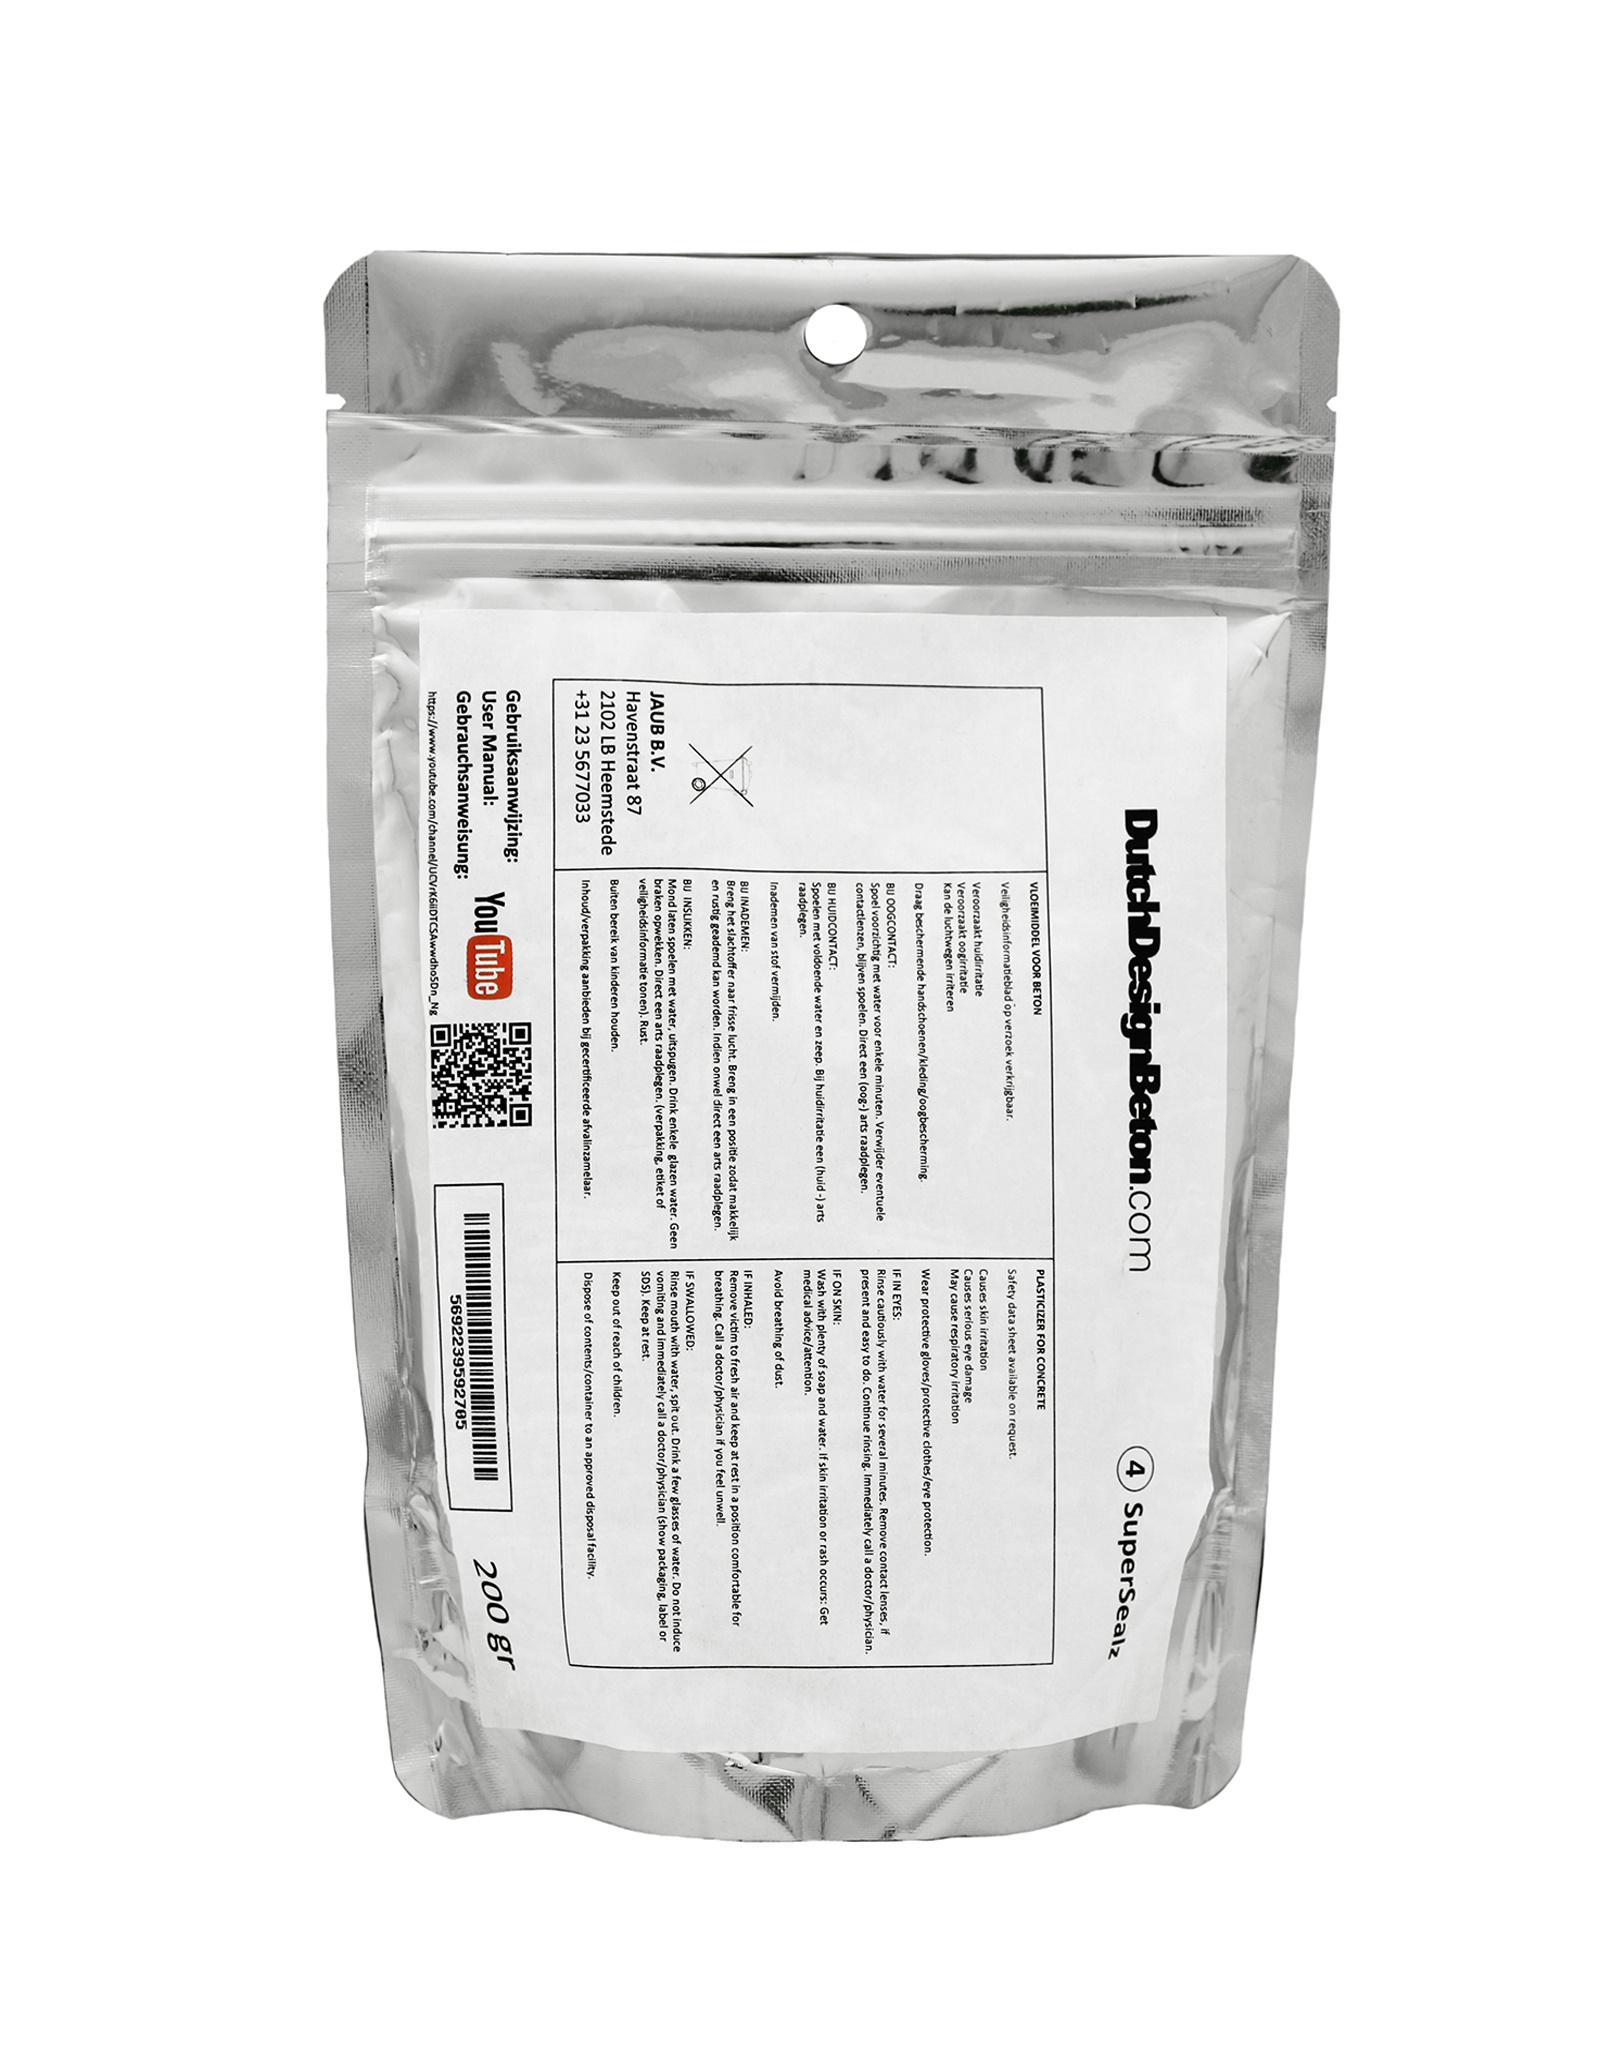 CRTE XL BasePak PURE - GFRC Beton